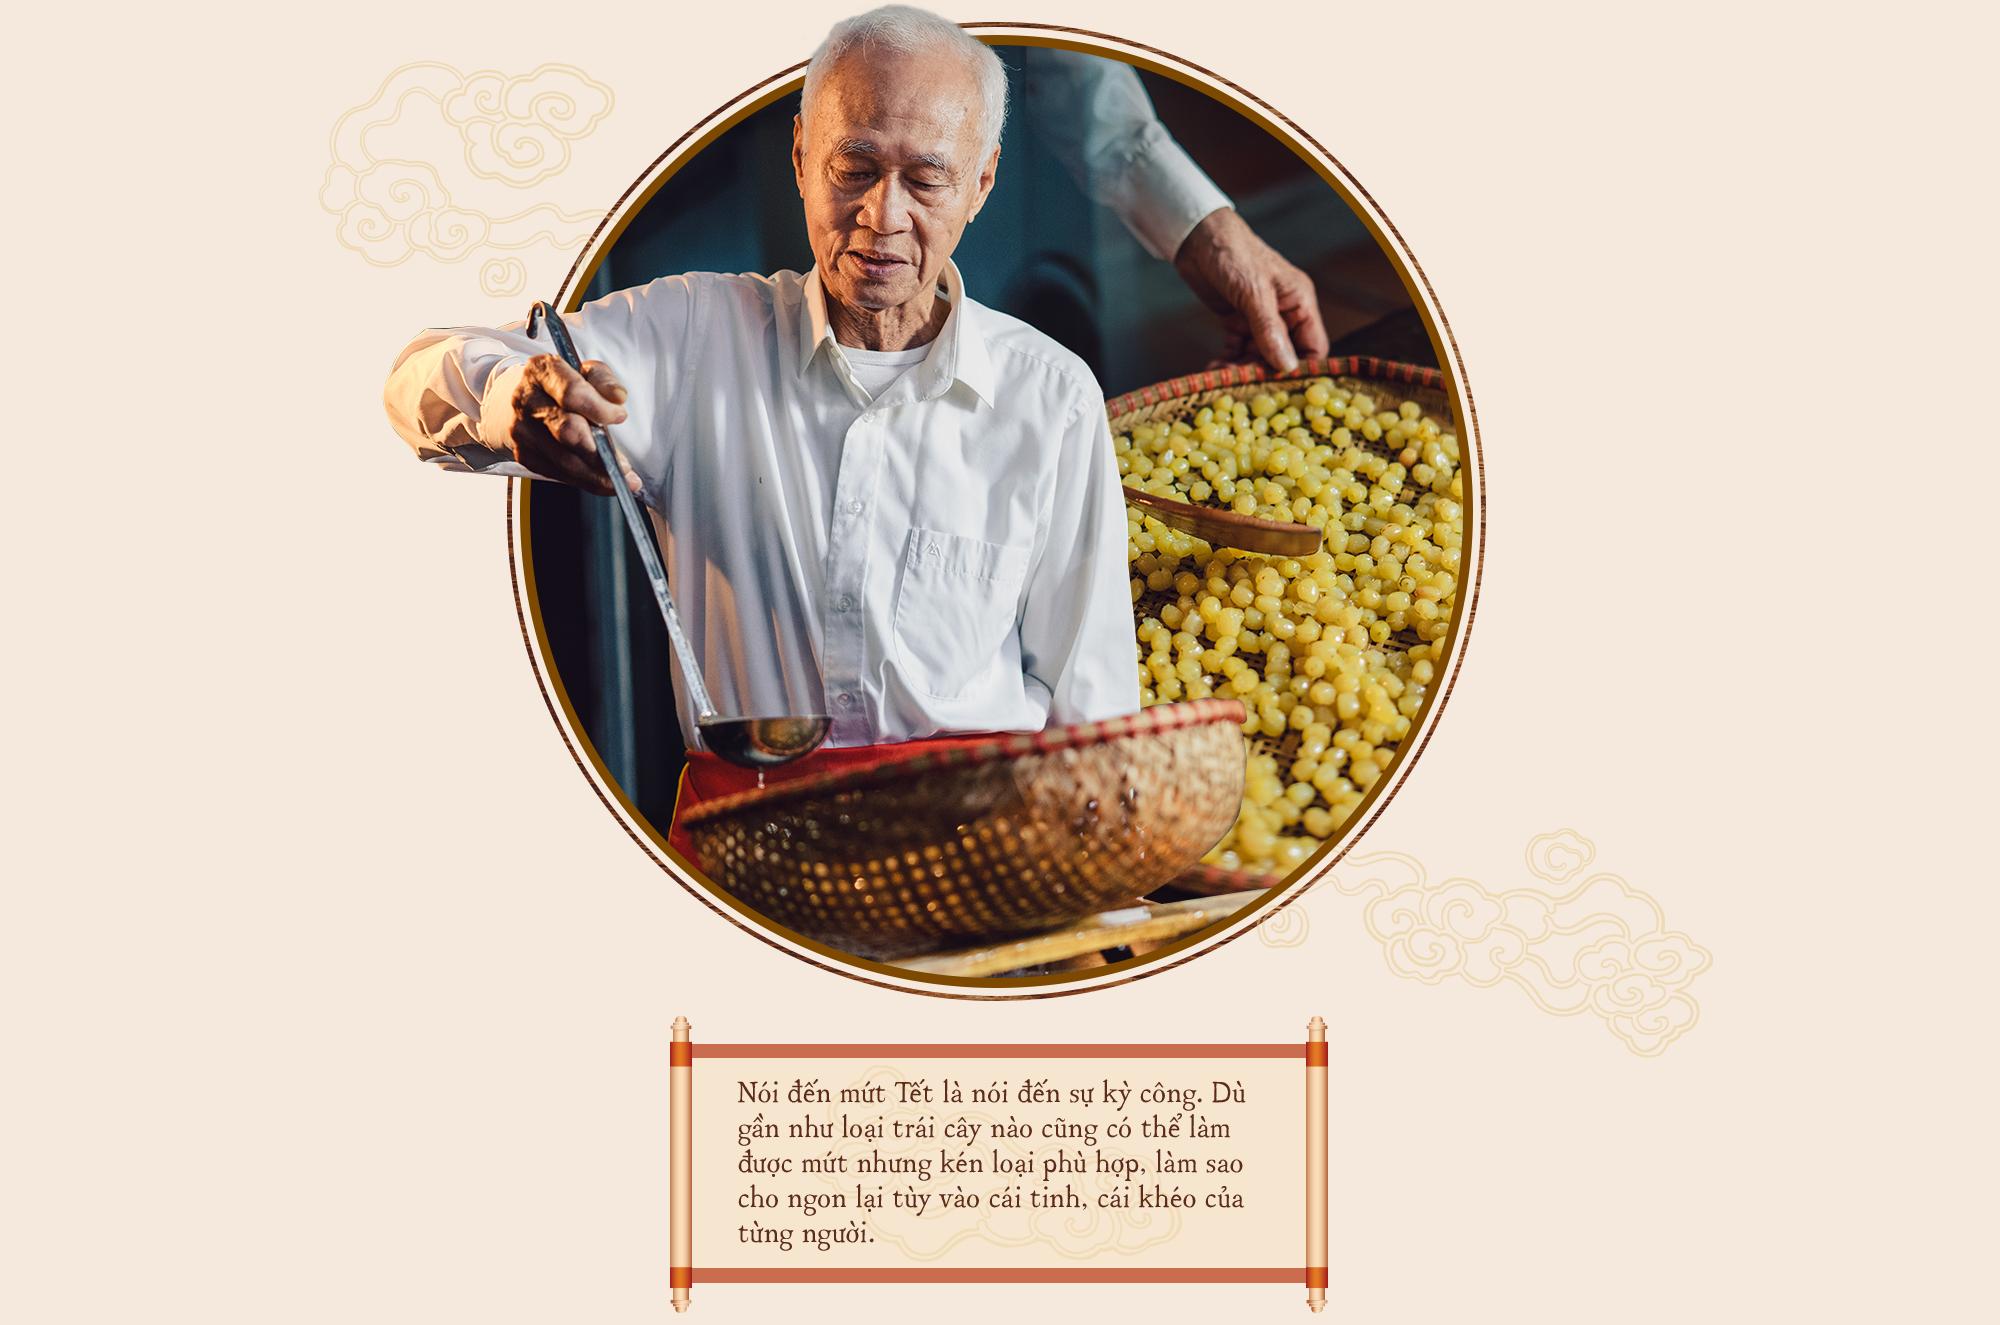 Gia tộc hơn 100 năm làm mứt Tết truyền thống ở Hà Nội: Ăn mứt phải ăn cái thật chất chứ không dùng bao bì hào nhoáng che đậy ẩm thực xoàng xĩnh - Ảnh 8.